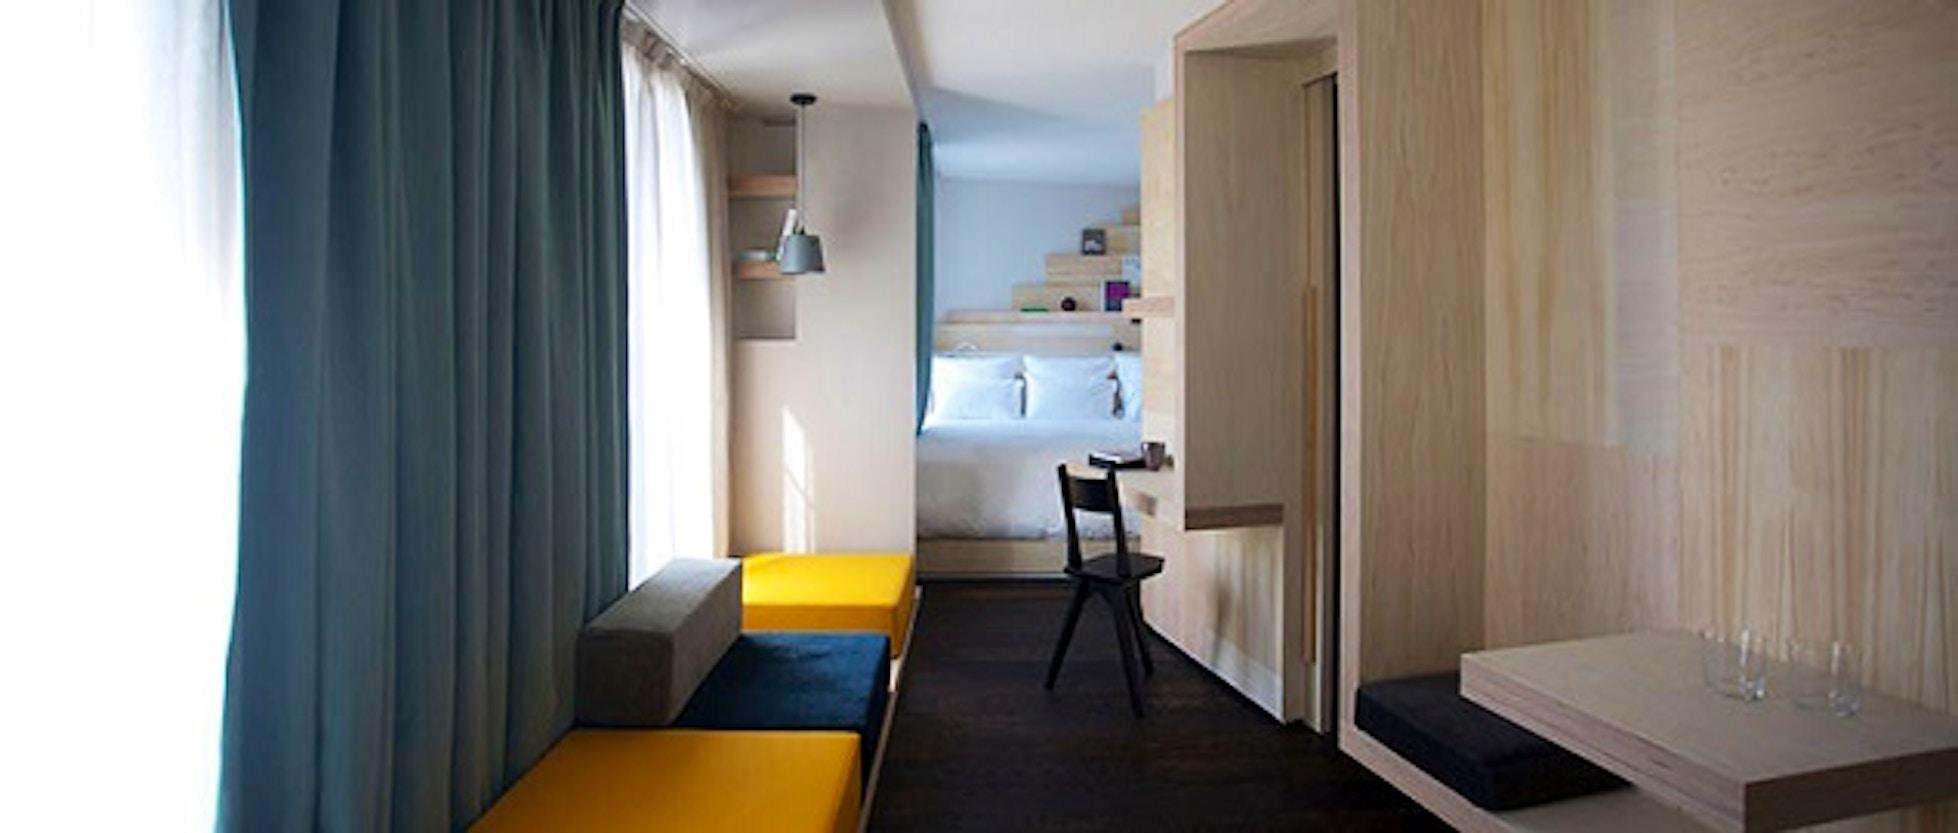 Hotel Tipi Parigi